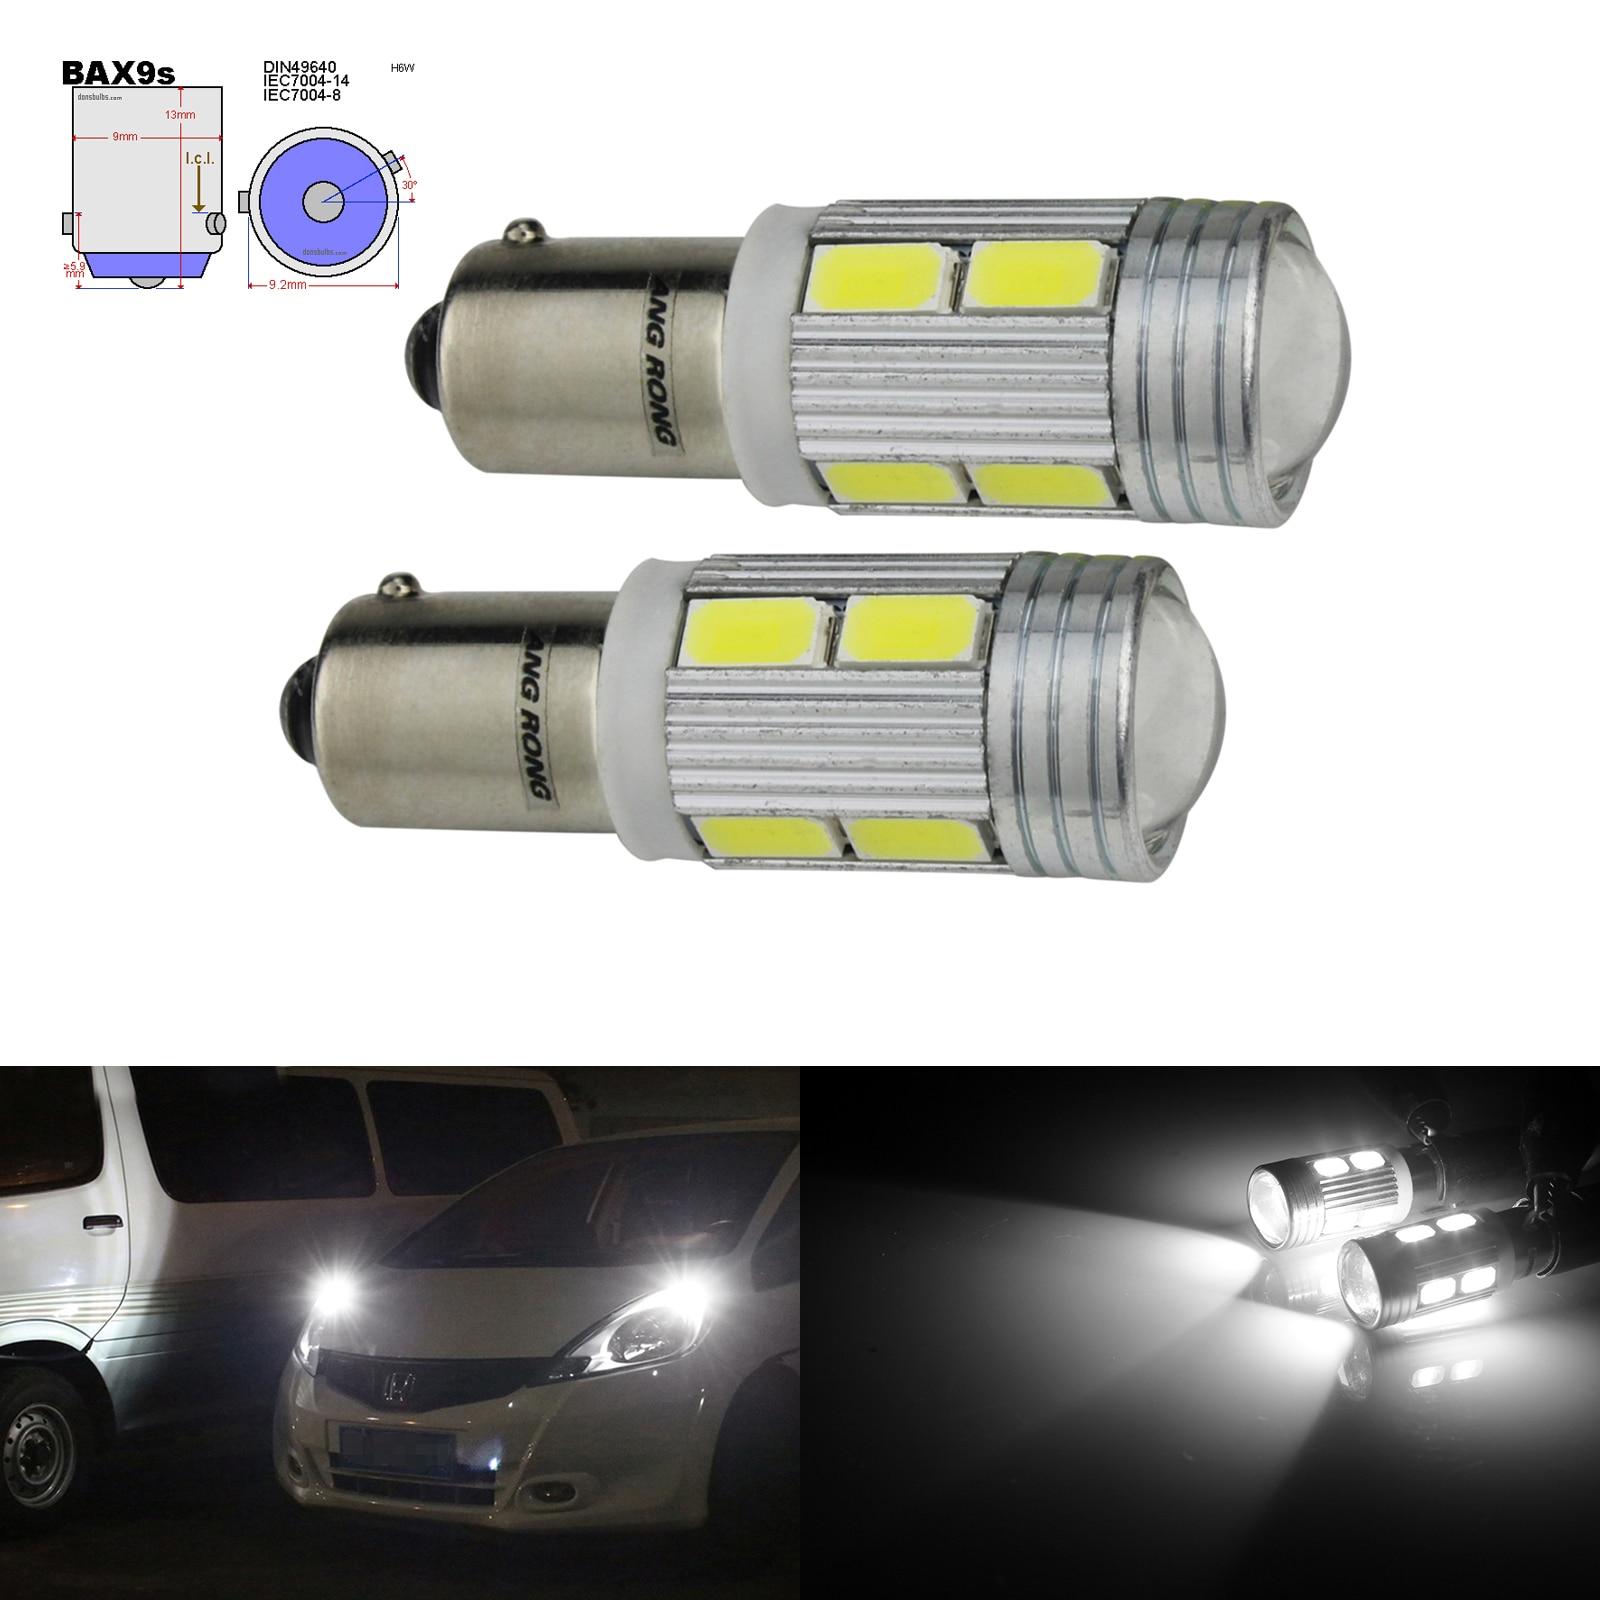 ANGRONG-ampoules H6W BAX9S   2 pièces, étrier de stationnement, blanc, 10 000 8W, pour BMW série 3 F30 F31 F34